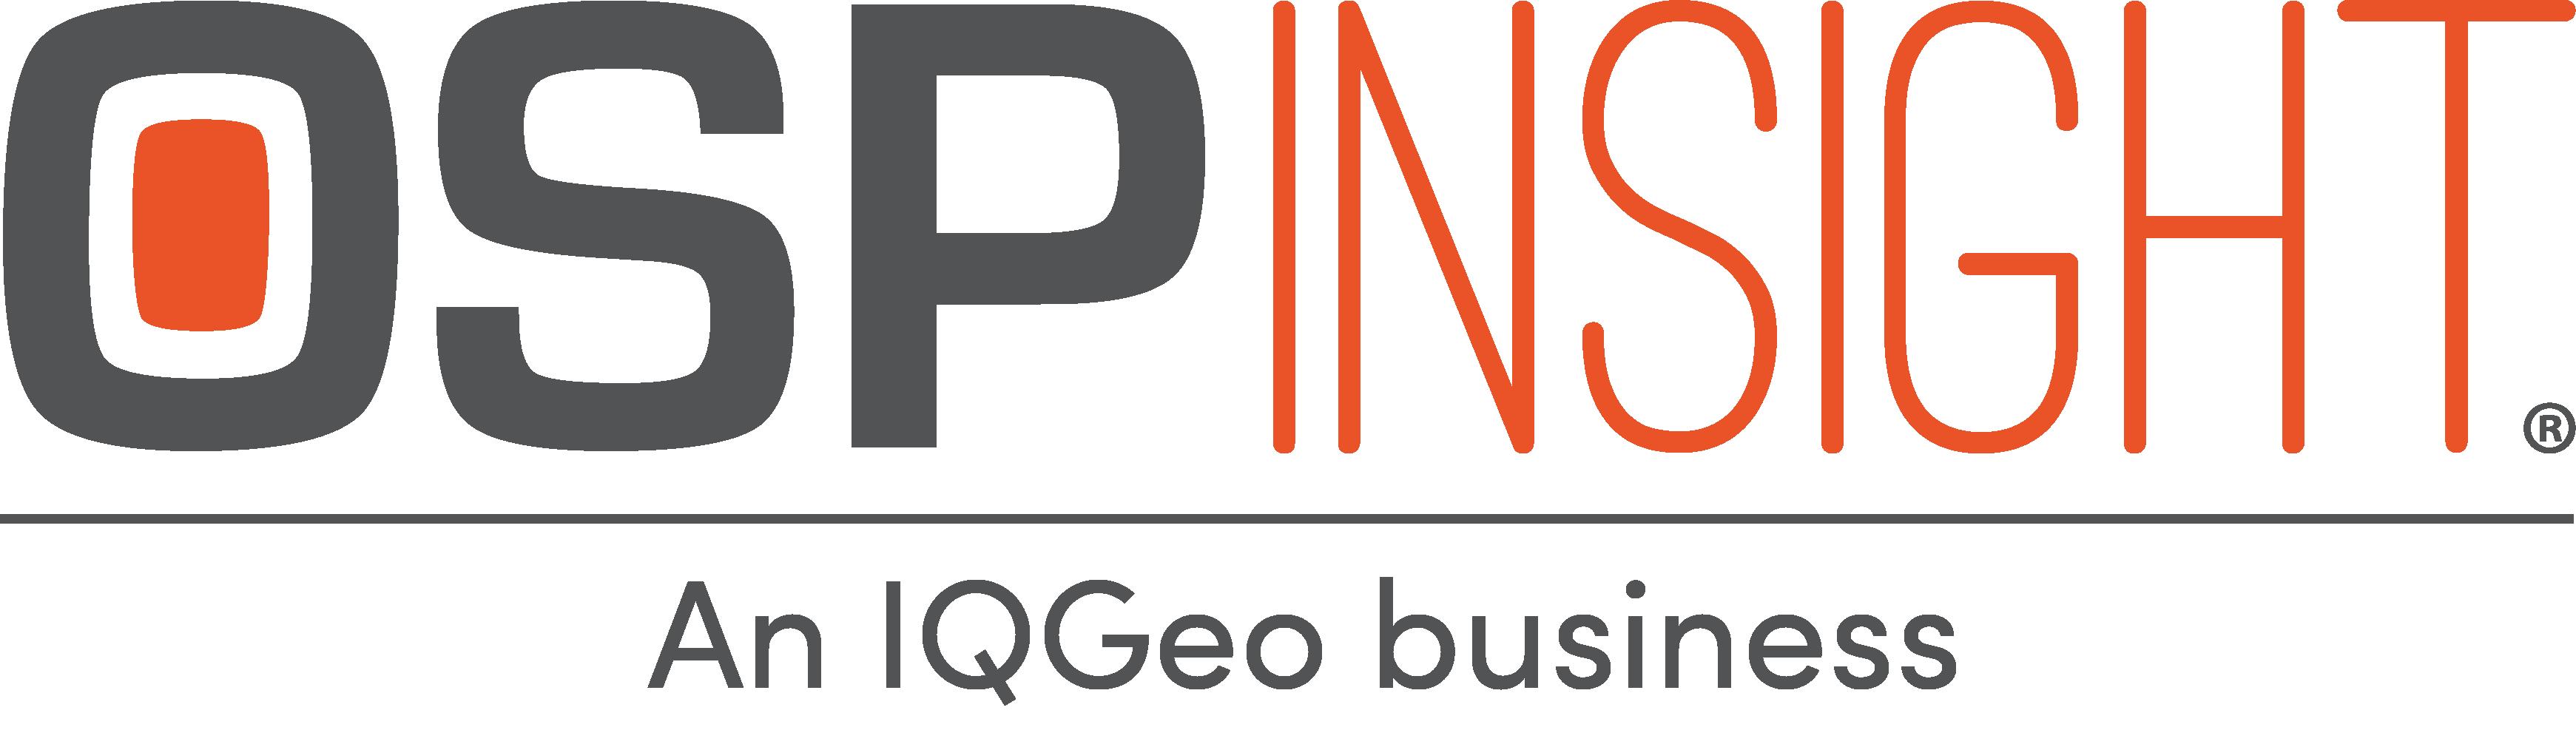 OSPInsight - An IQGeo Business (Transparent)